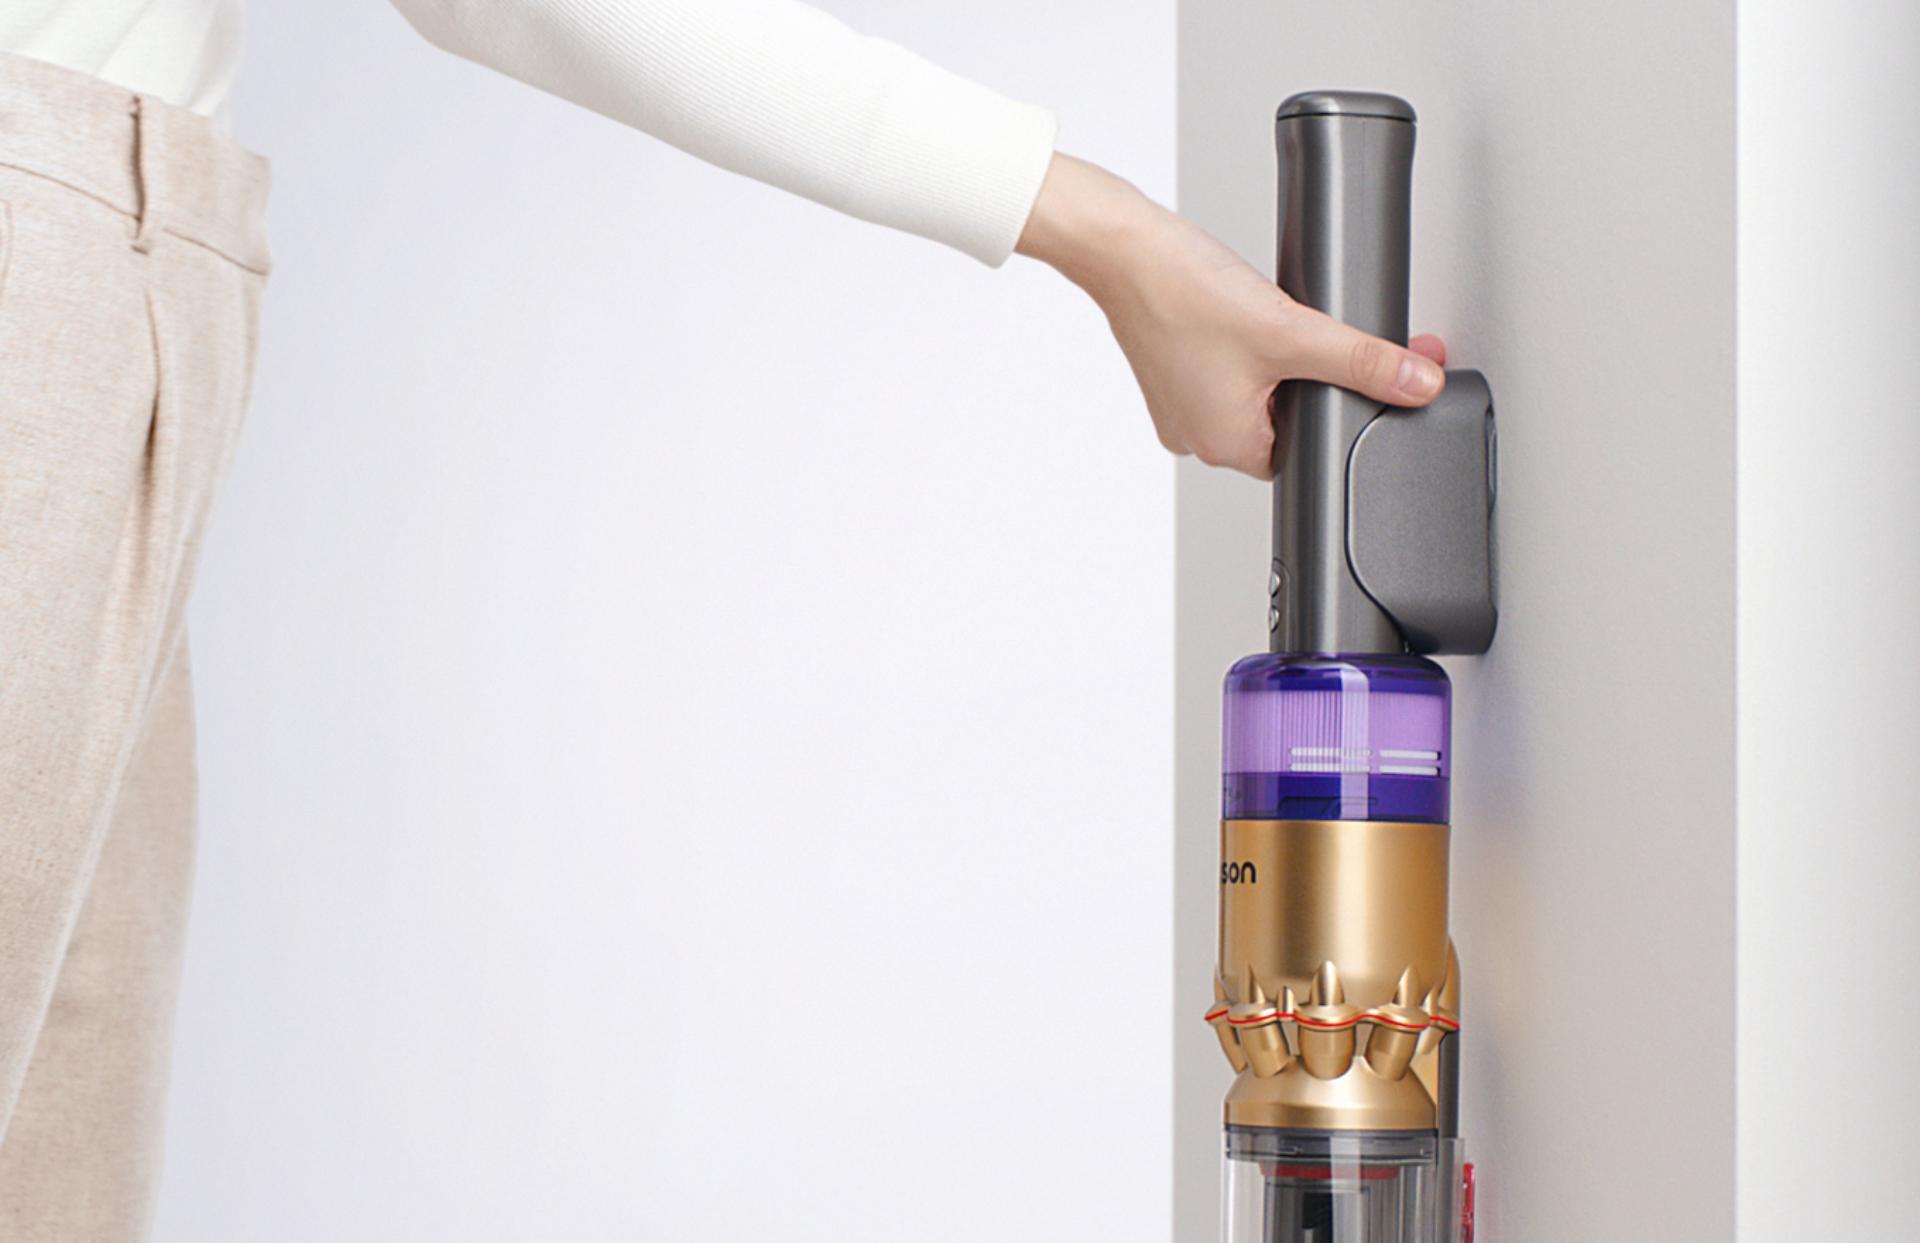 벽 설치형 충전 거치대에 거치된 다이슨 옴니-글라이드™ 무선 청소기.